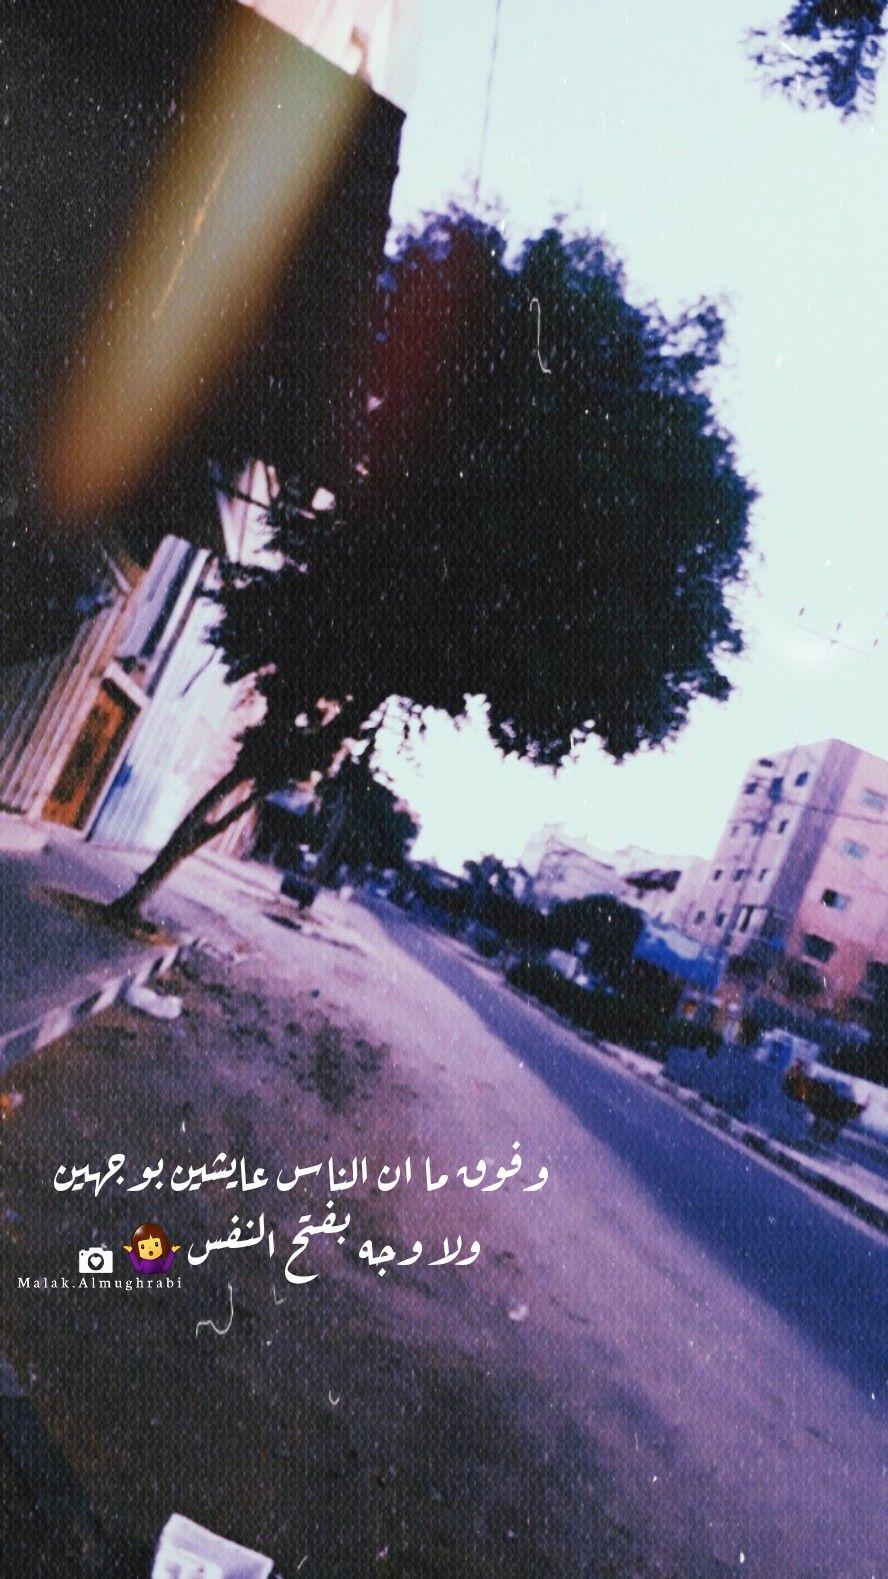 وفوق ما ان الناس عايشين بوجهين ولا وجه بفتح النفس Fancy Wedding Dresses Fancy Wedding Beautiful Arabic Words